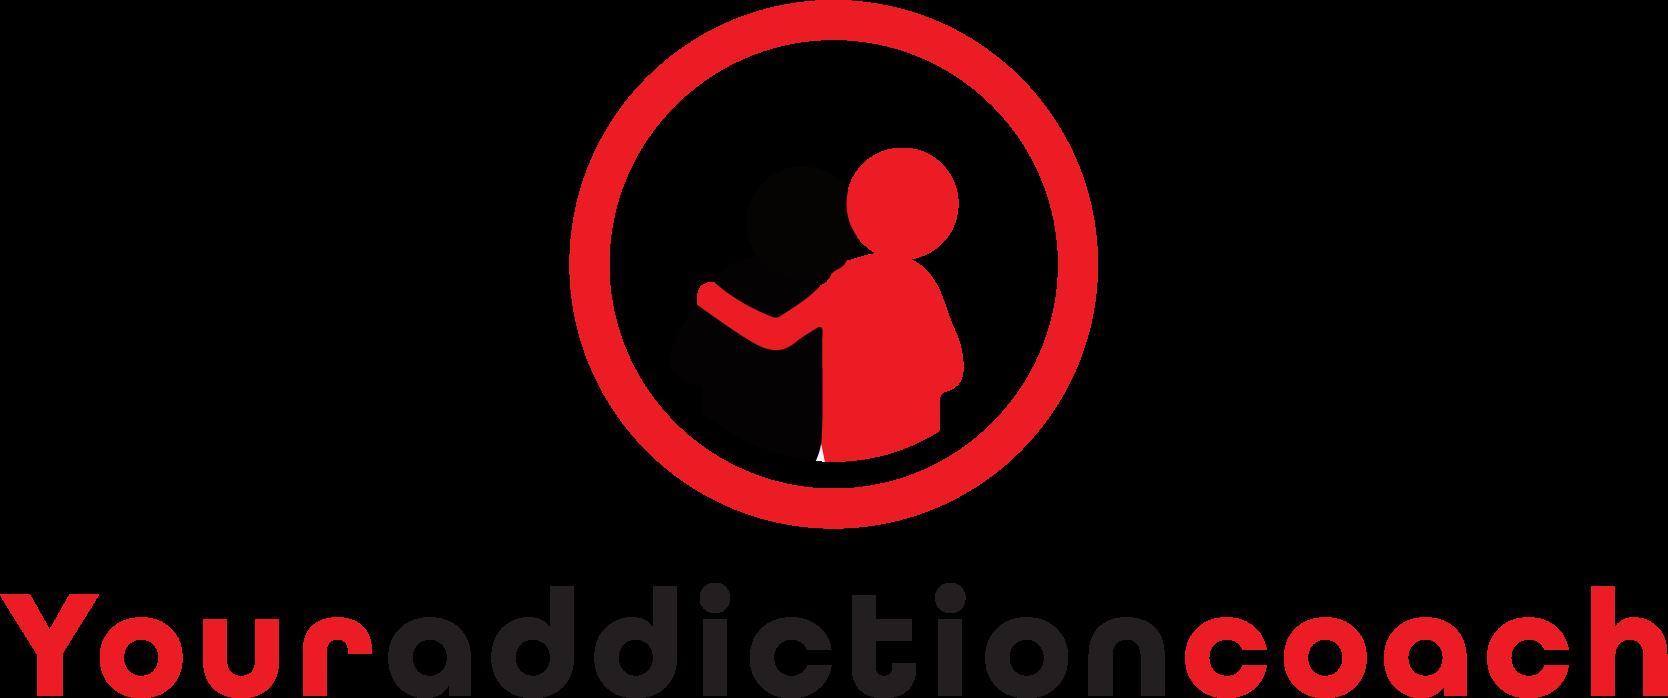 Your Addiction Coach